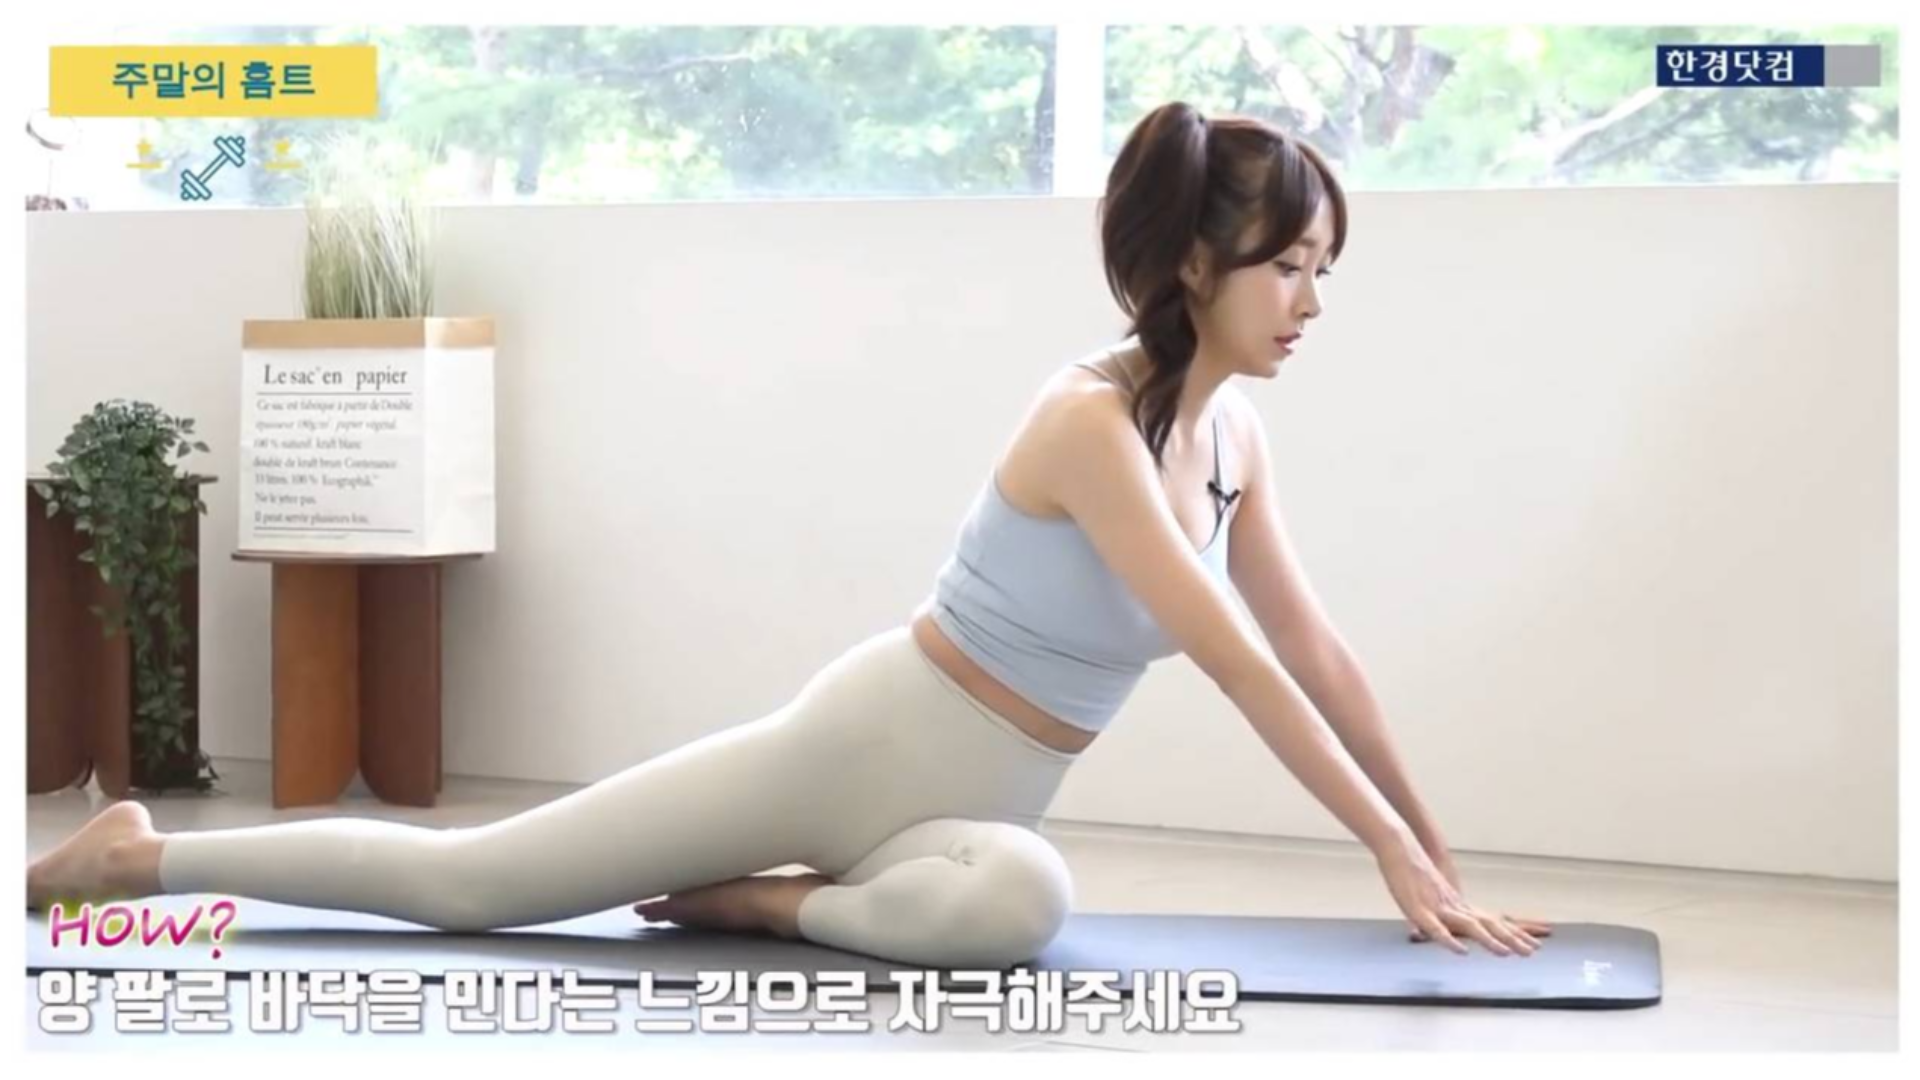 可爱马尾小姐姐的健身教程~快跟着一起学